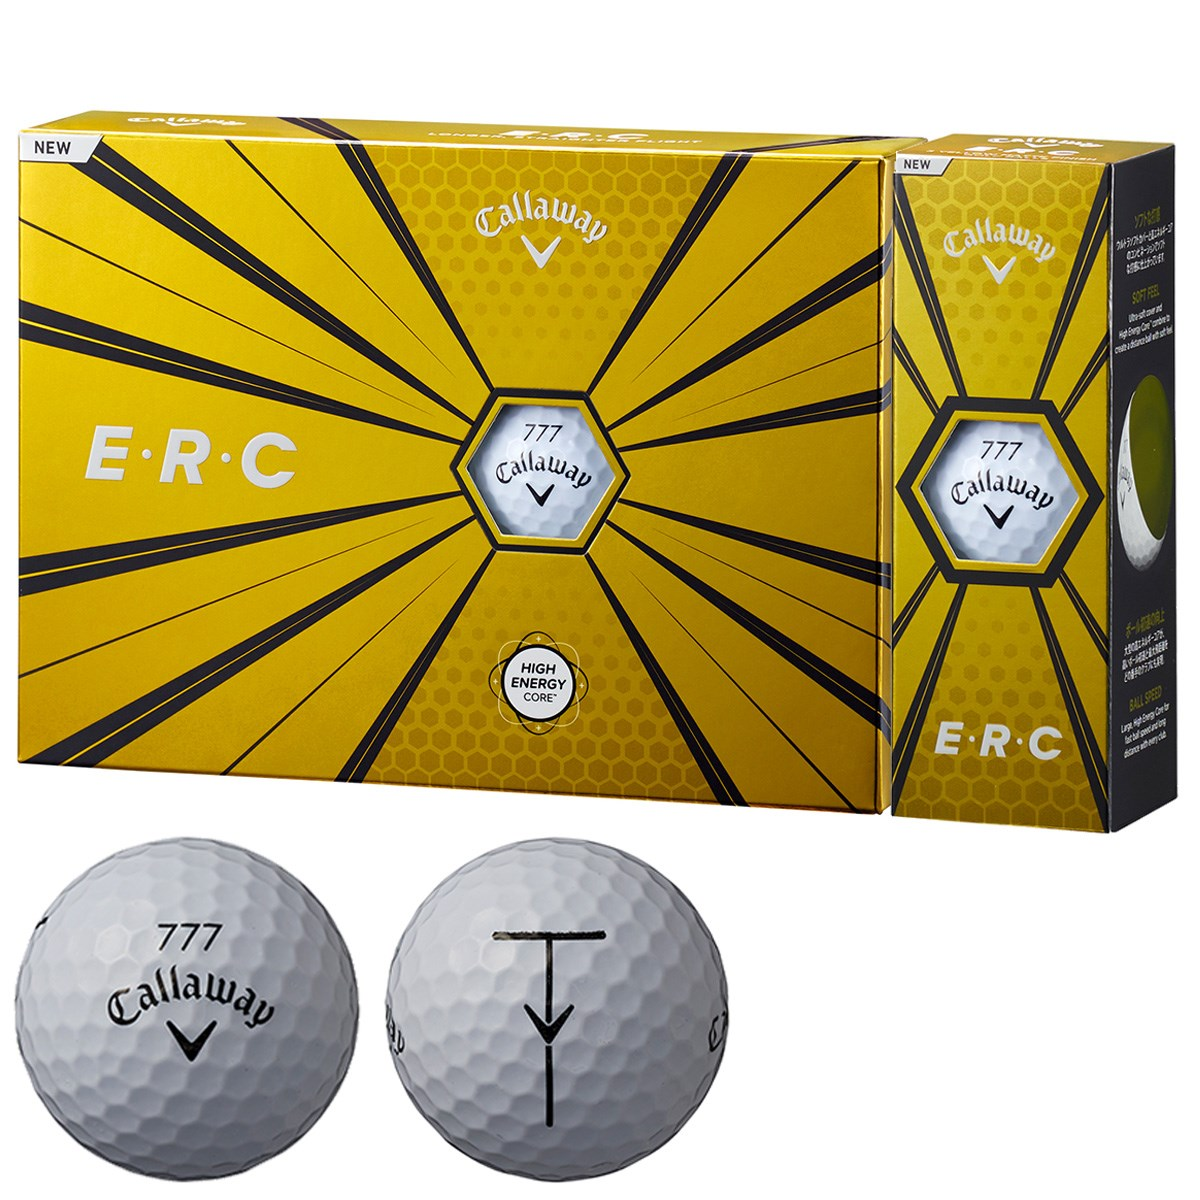 キャロウェイゴルフ(Callaway Golf) ERC 19 ボール